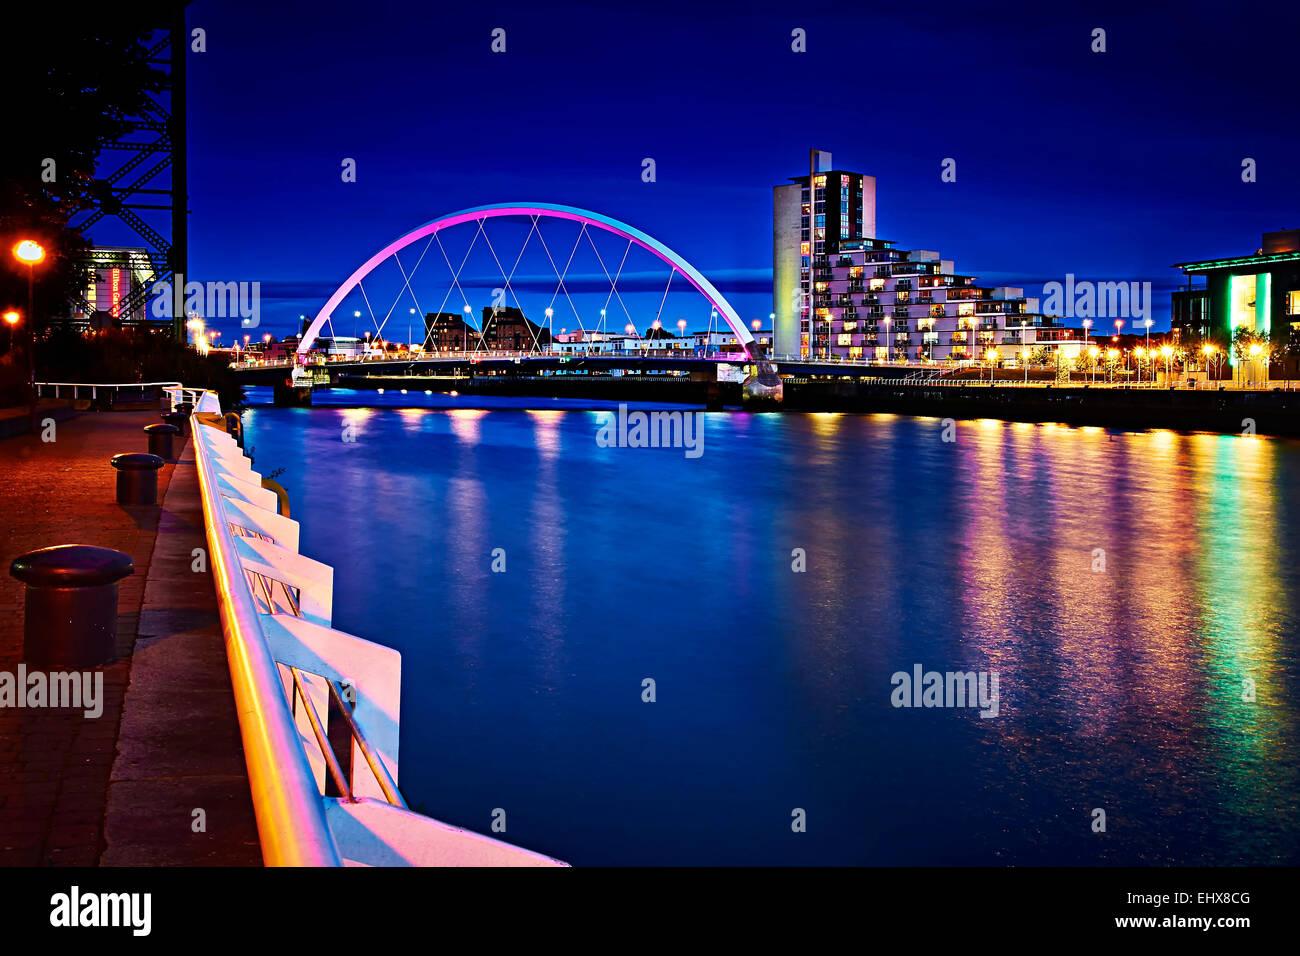 Une photo de nuit le long de la rivière Clyde, à la recherche en amont de la Clyde Arc du SECC. Banque D'Images